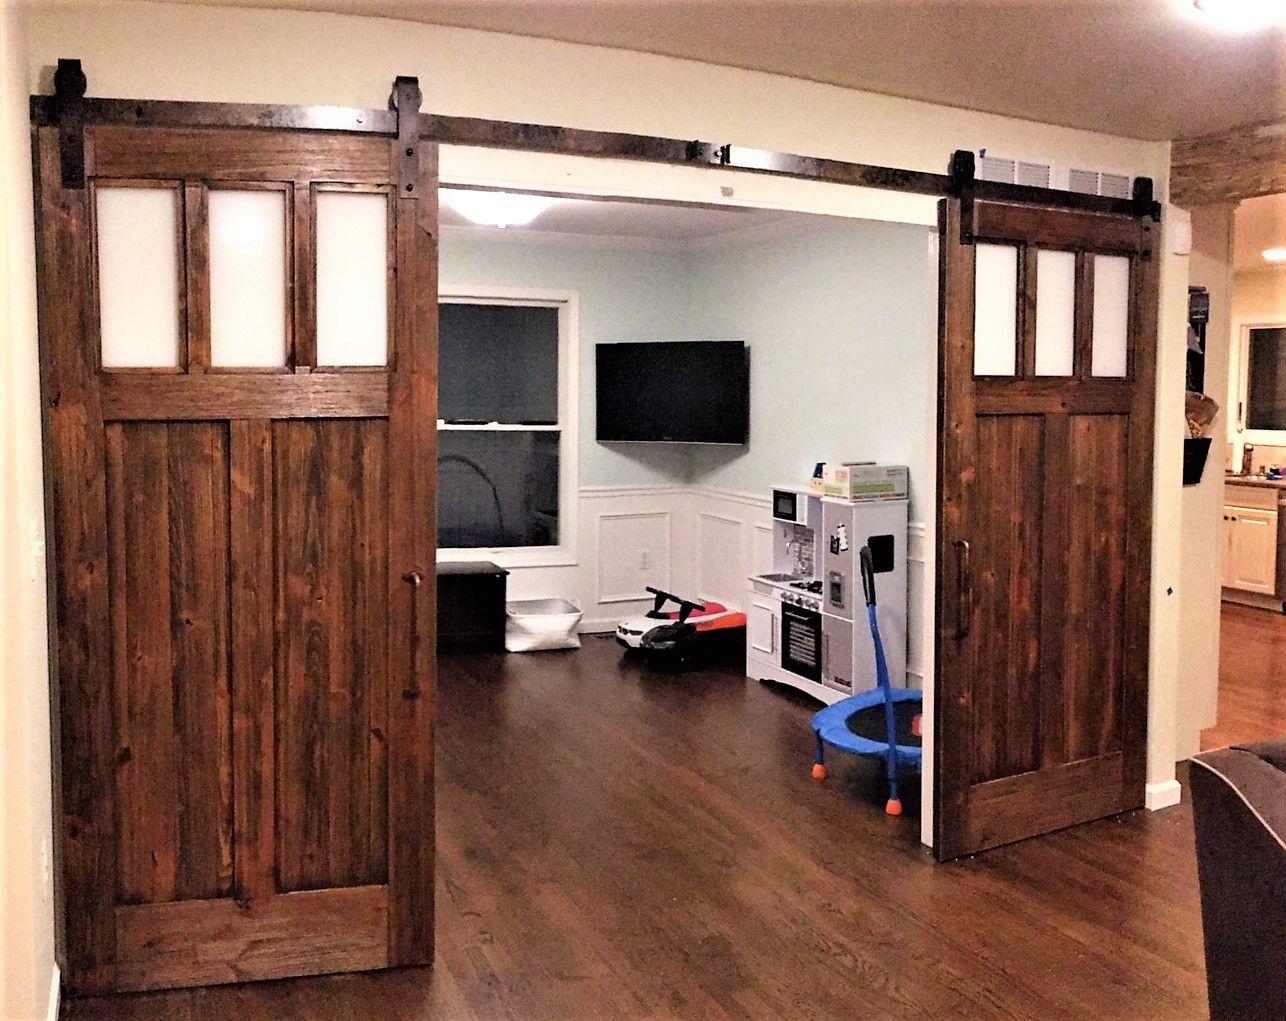 Sliding Barn Doors Window Shutters Free Consultation Barn Door Barn Doors Sliding Barn Door Window